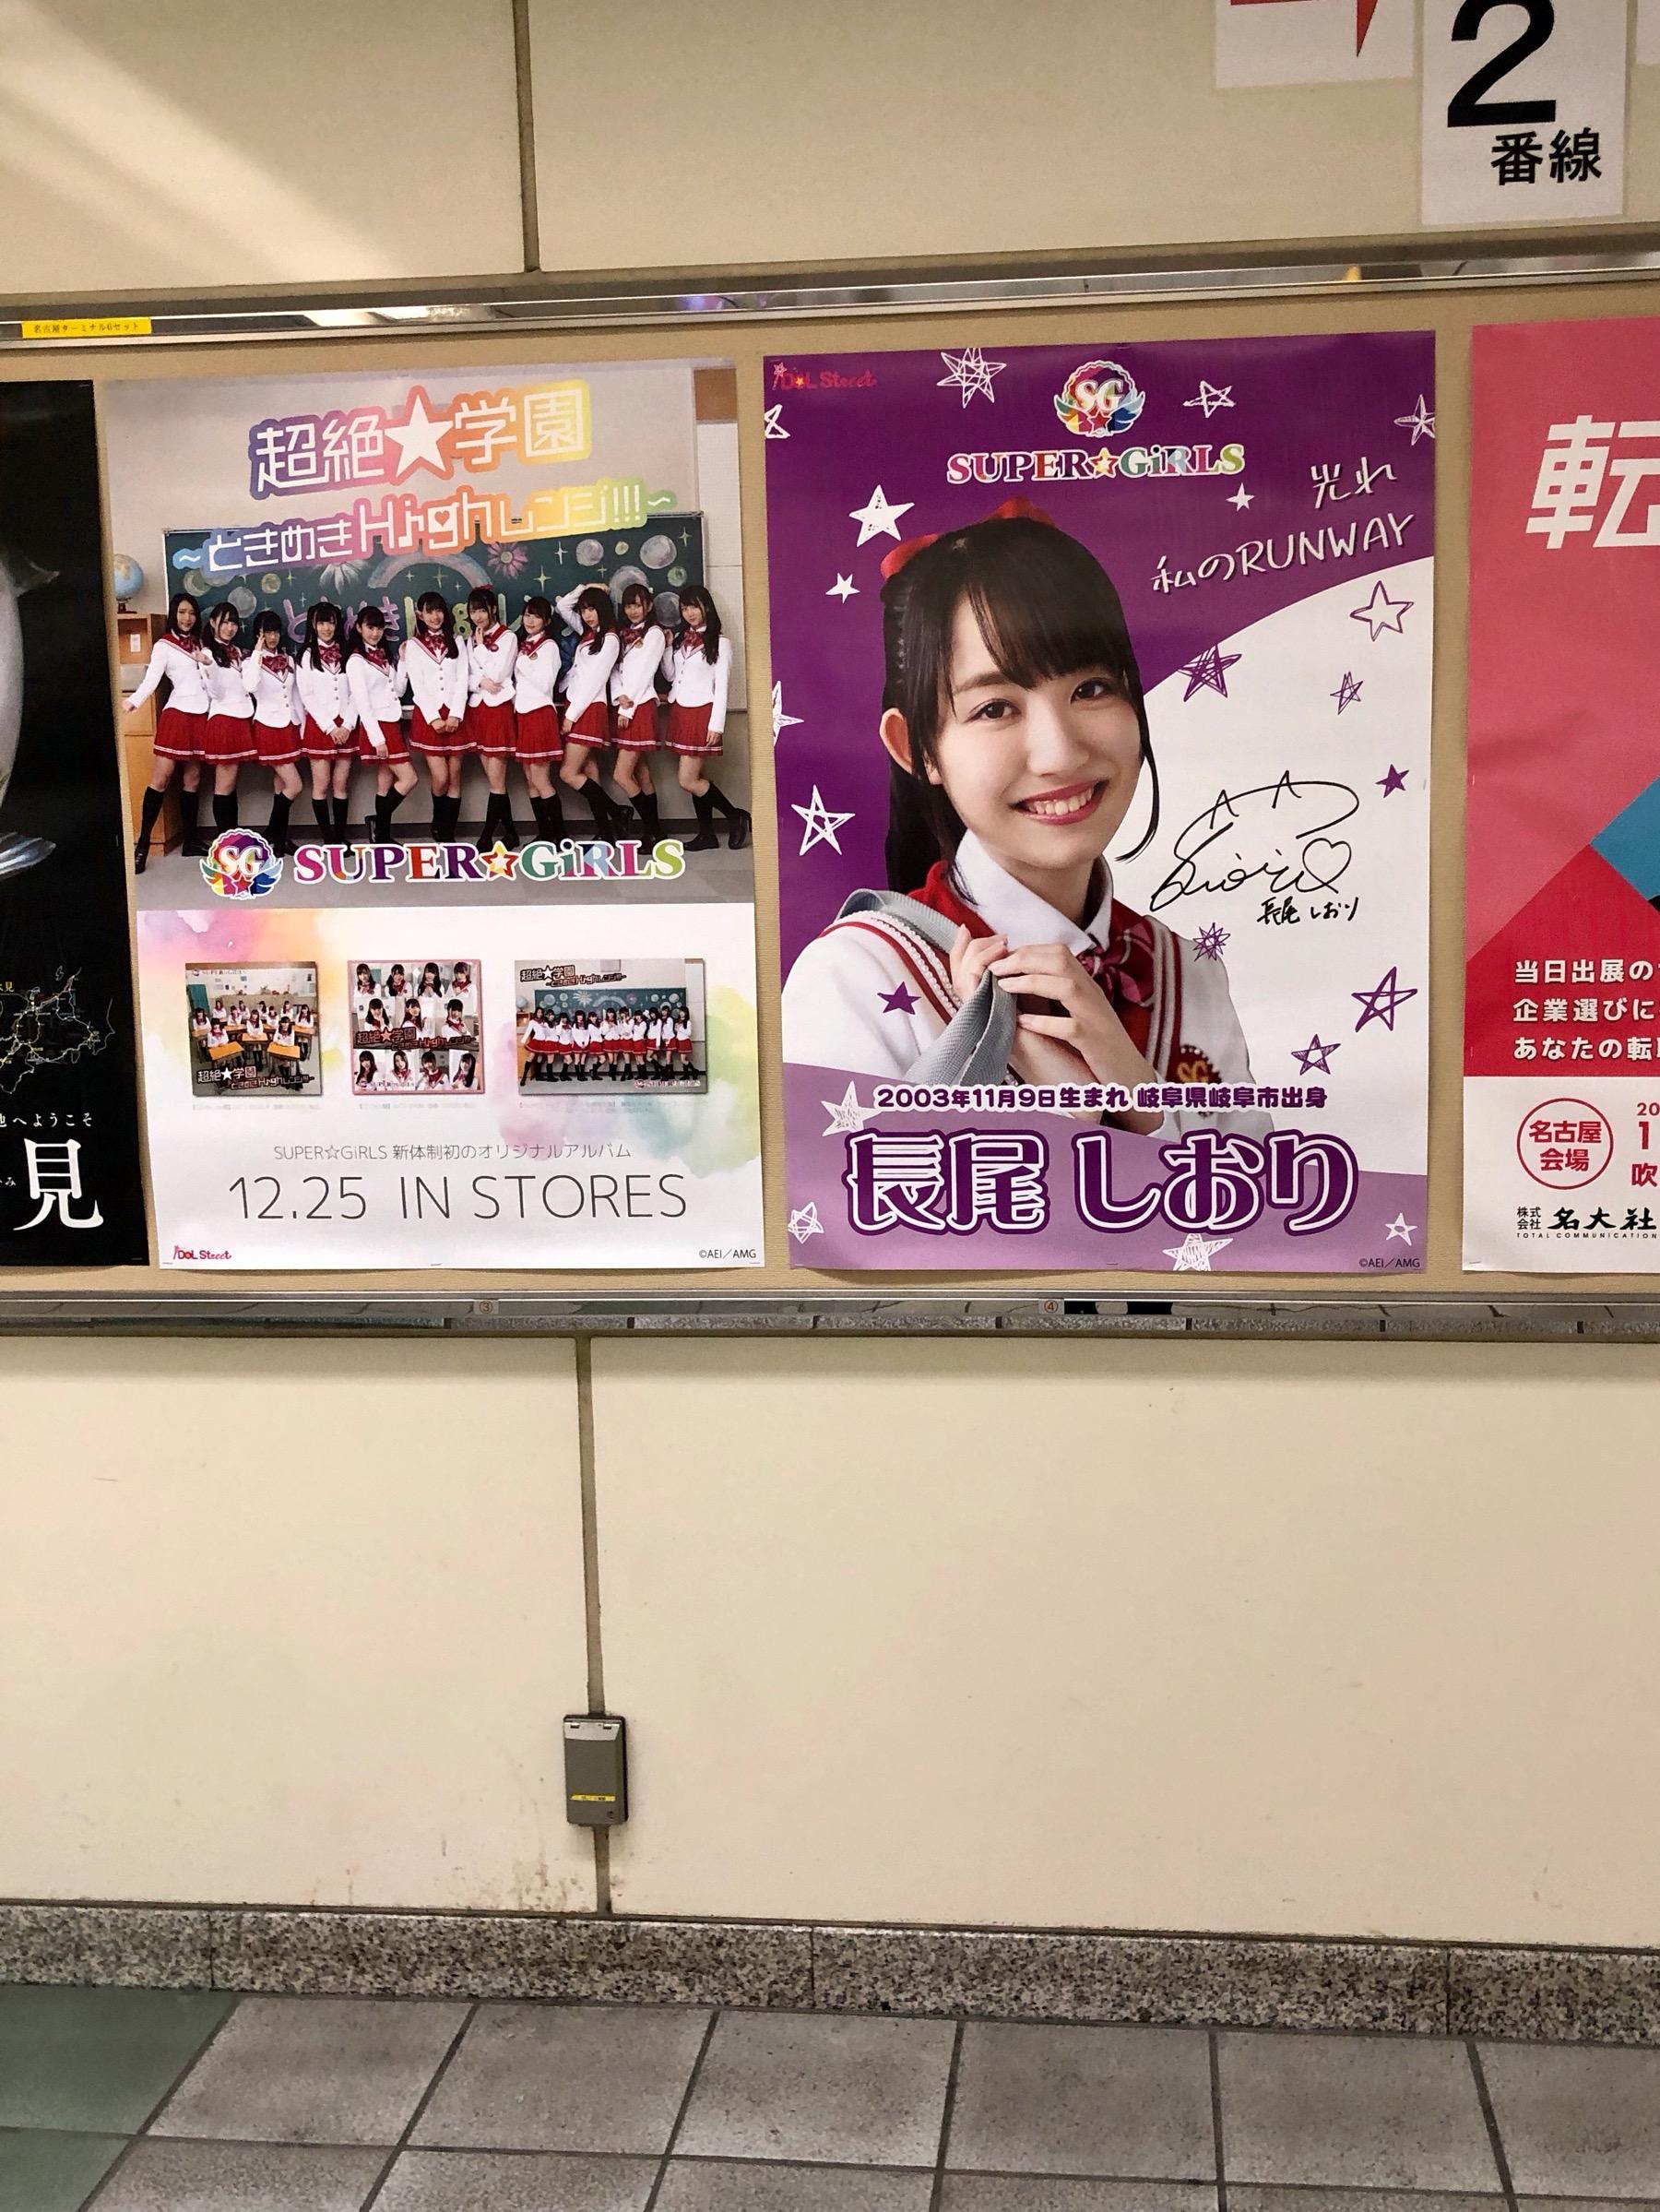 スパガ, ポスター(JR岐阜駅・長尾しおり)